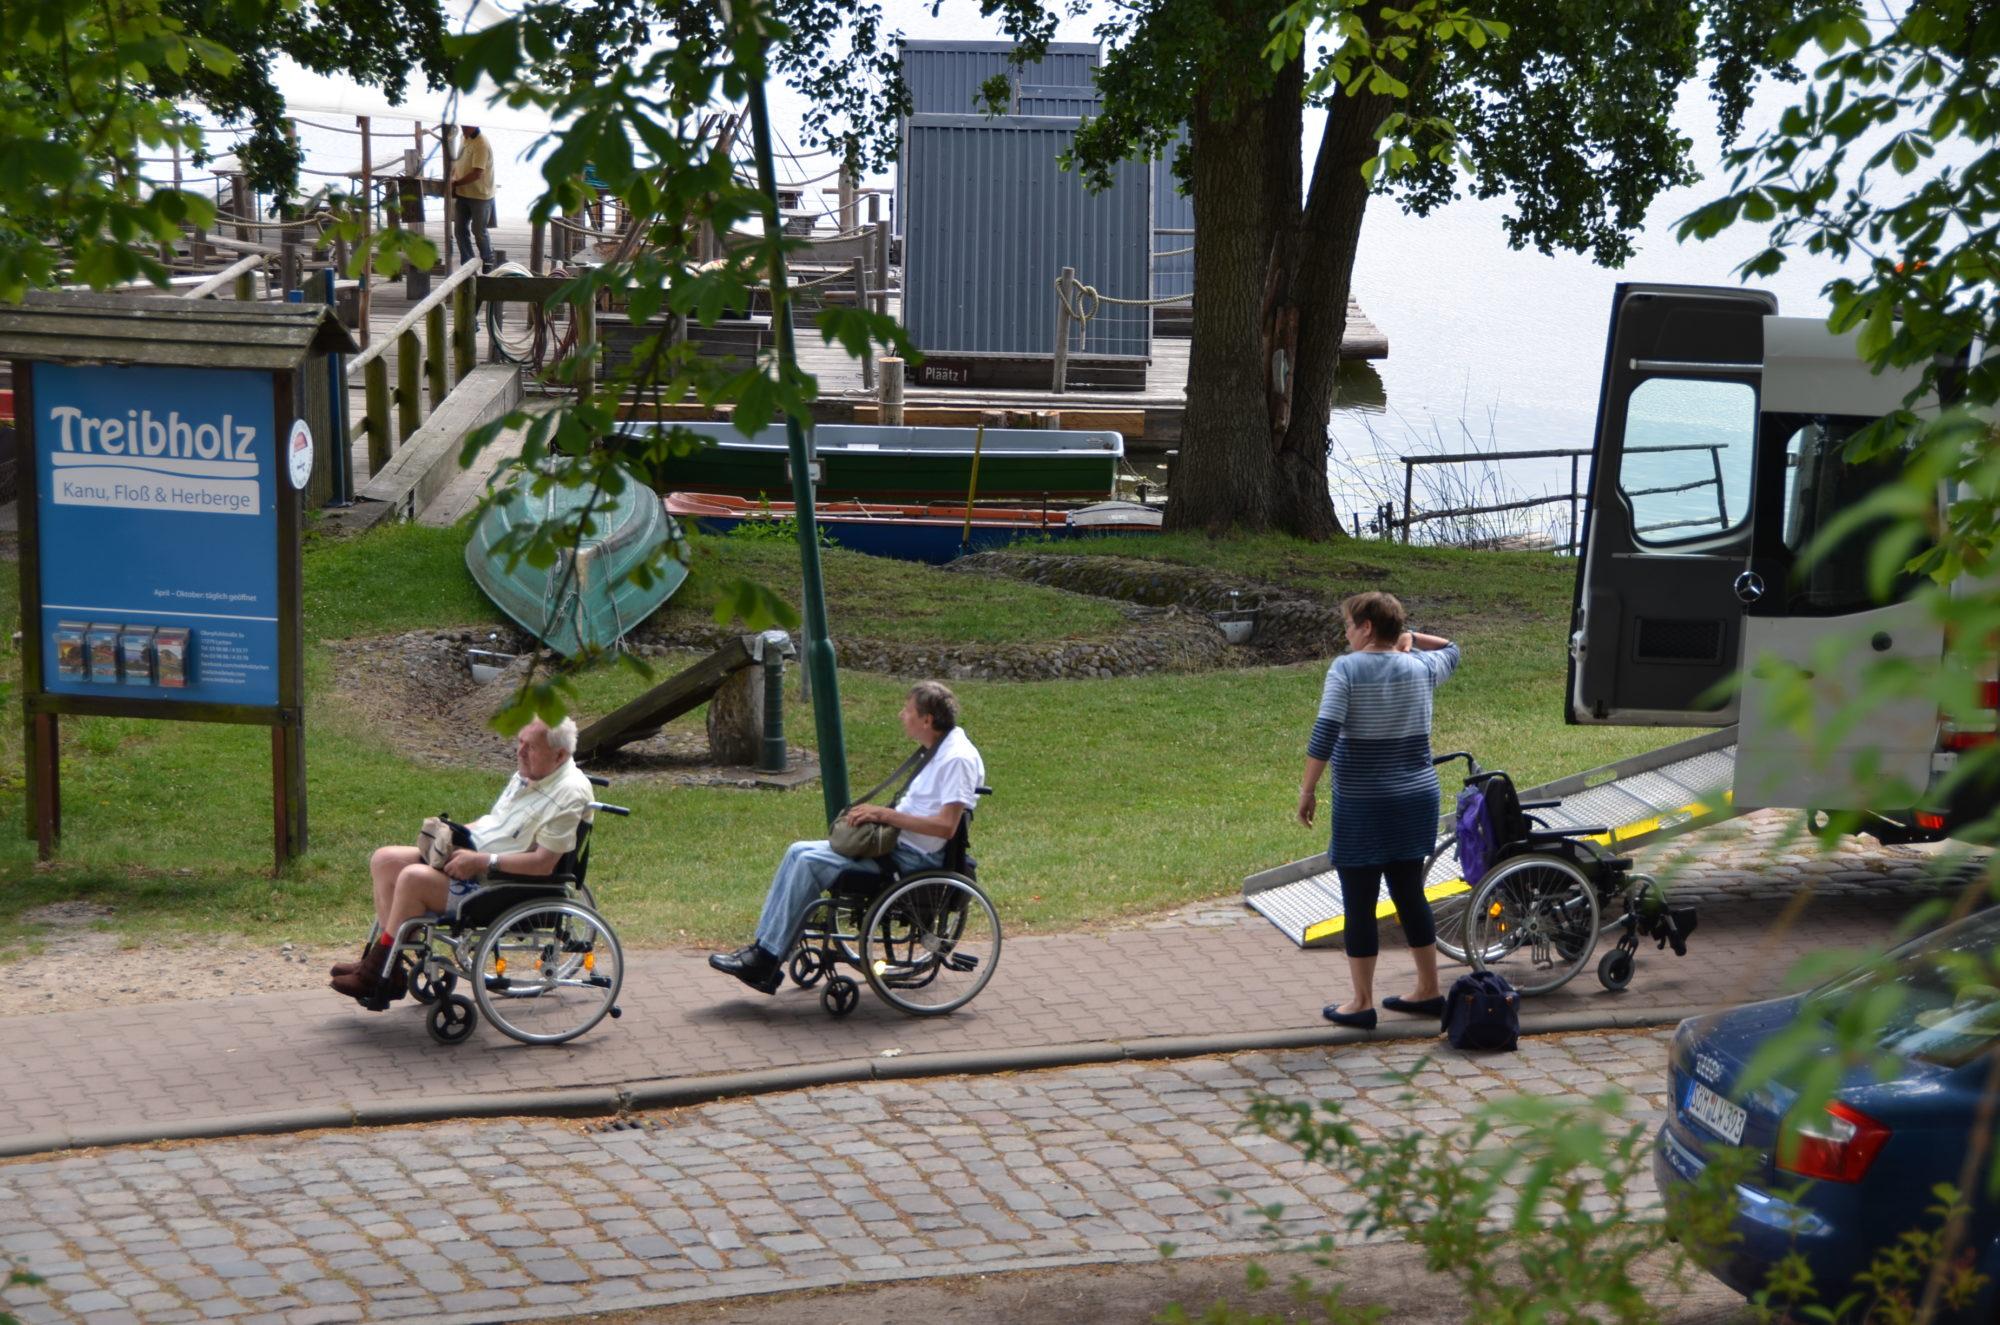 Rollstuhlfahrer steigen aus dem Bus und rollen auf den Gehweg.